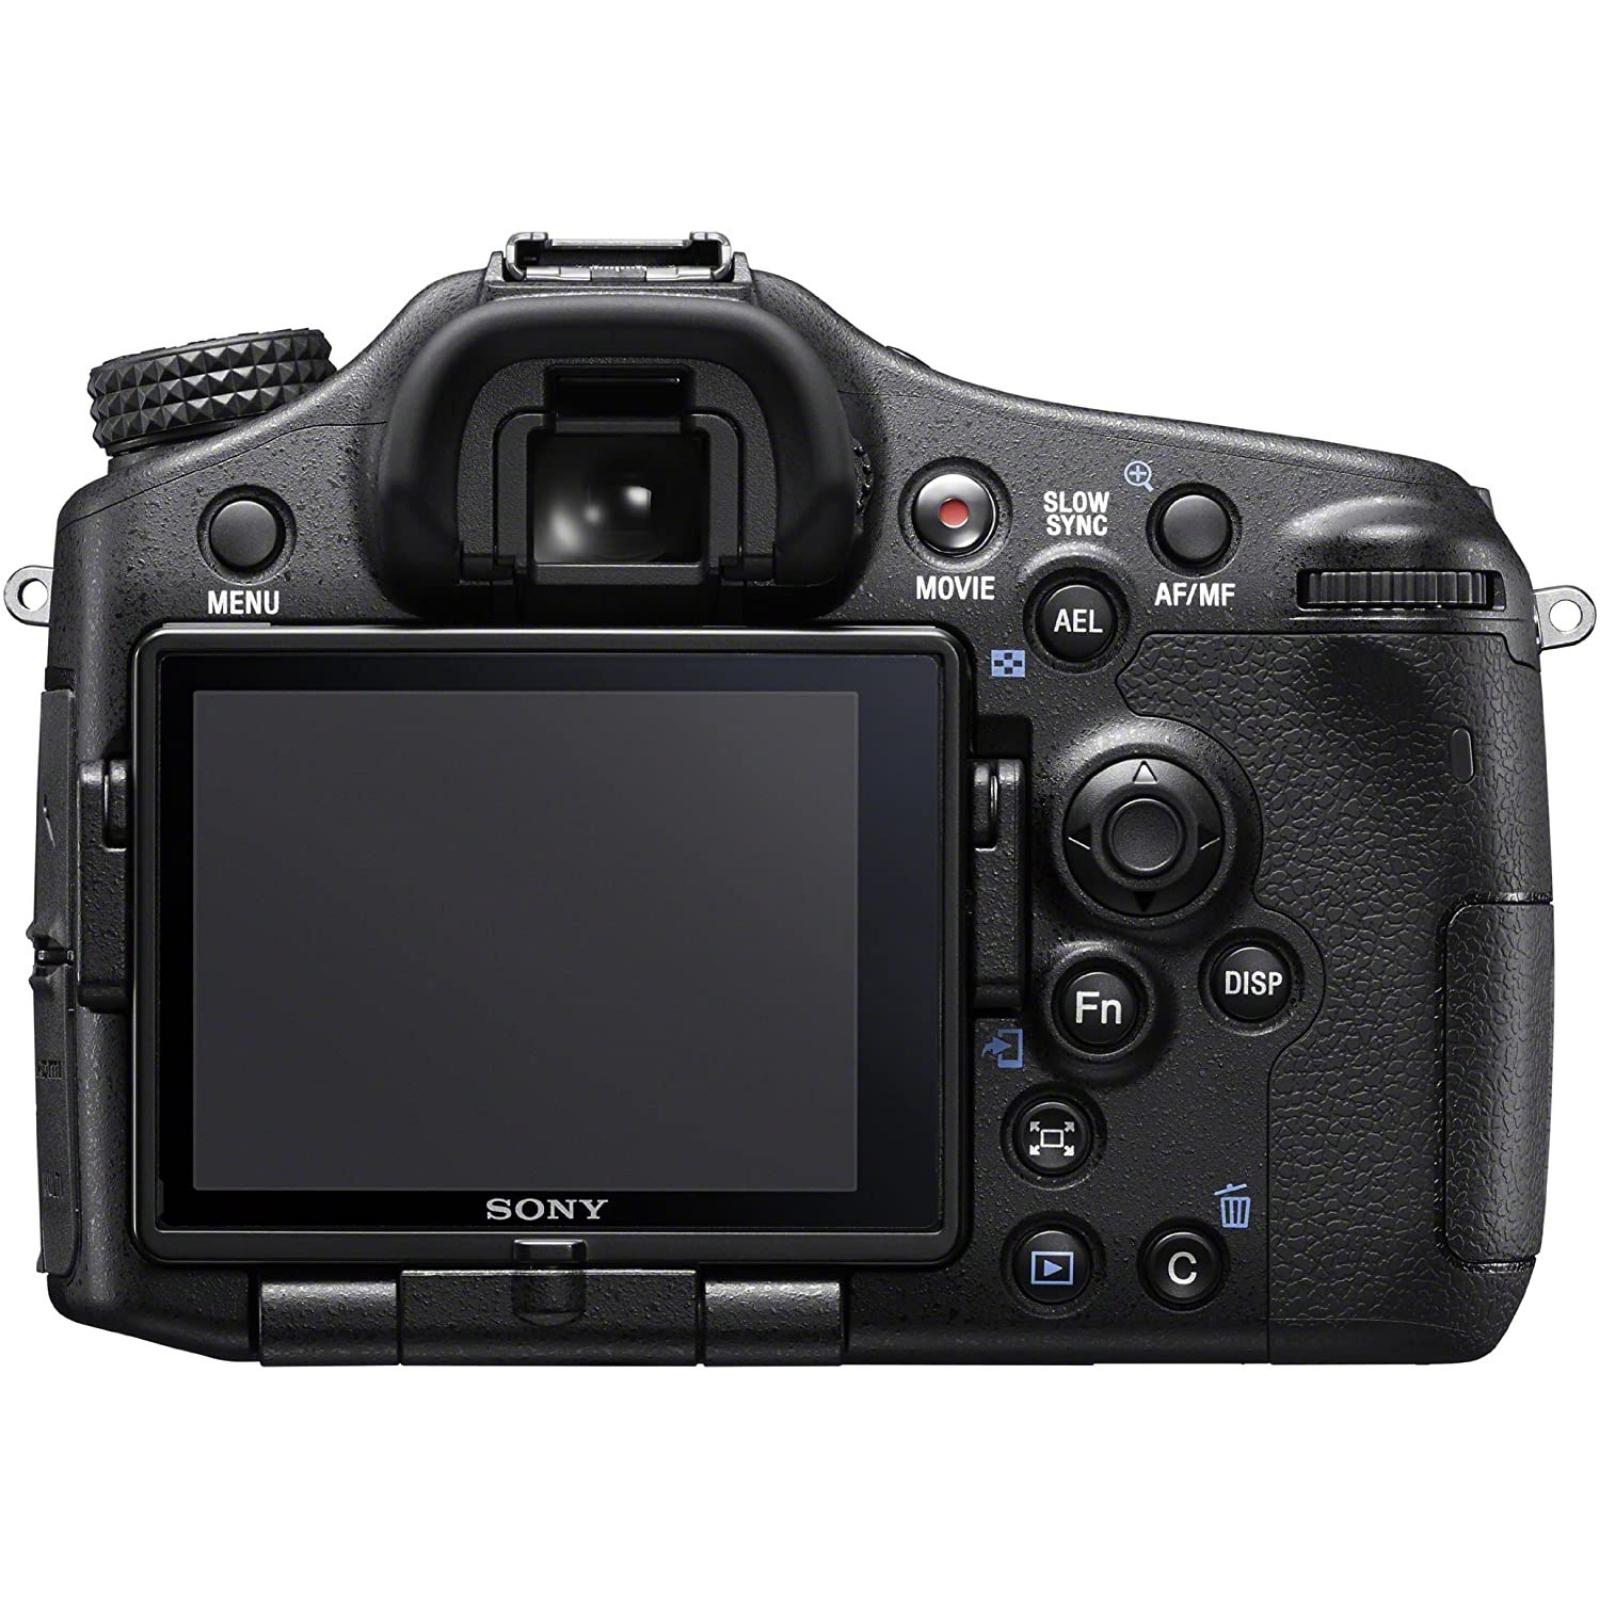 SONY ソニー ミラーレス一眼カメラ α77 II ボディ ブラック ILCA-77M2 新品